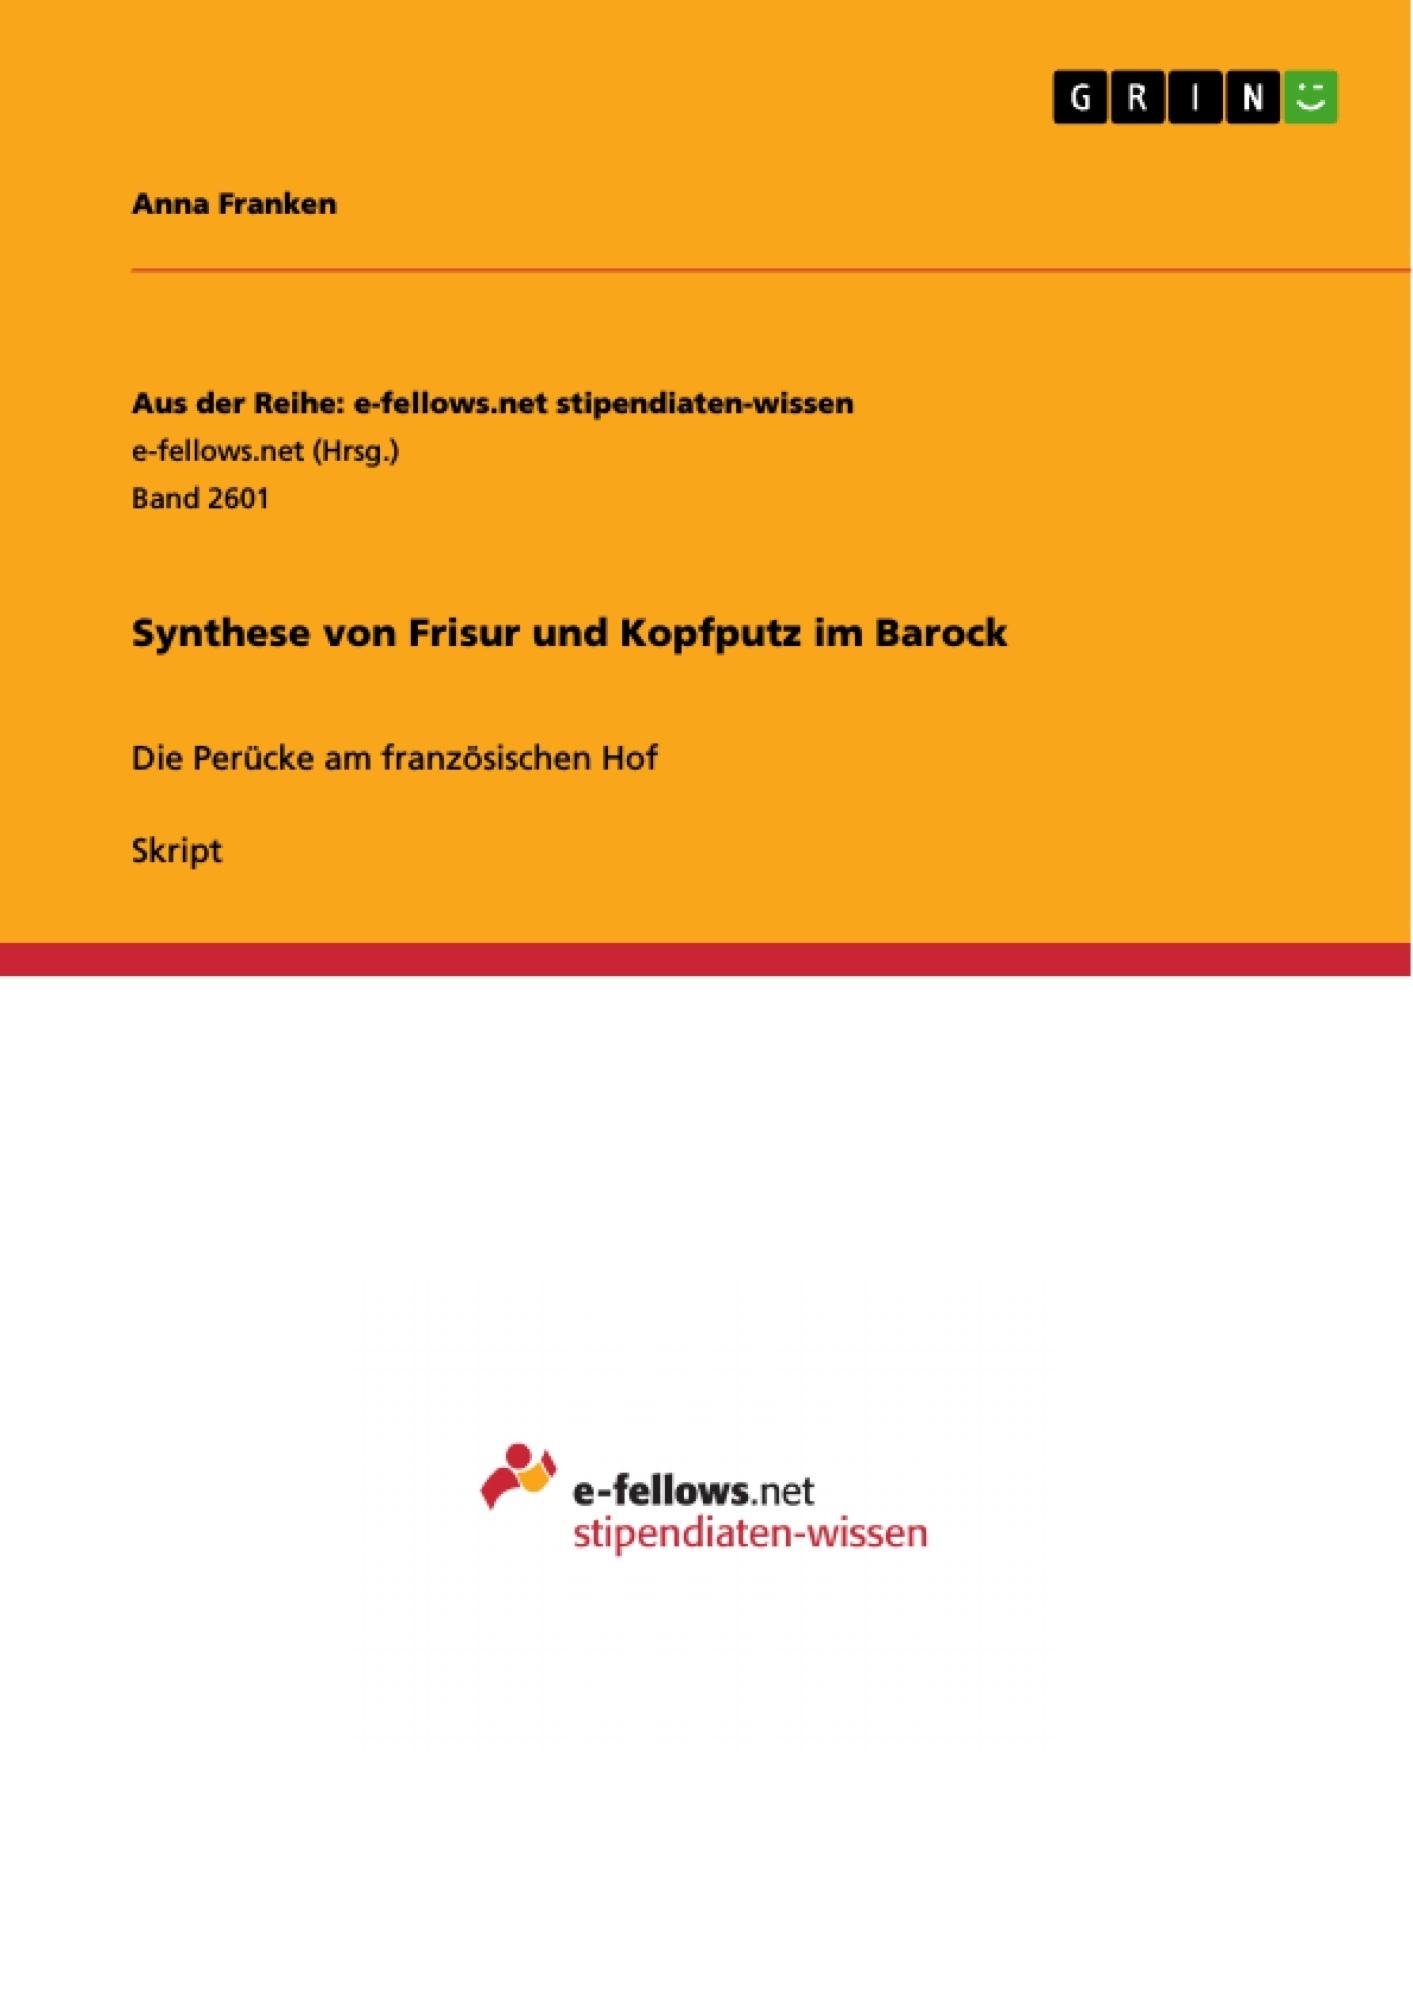 Titel: Synthese von Frisur und Kopfputz im Barock